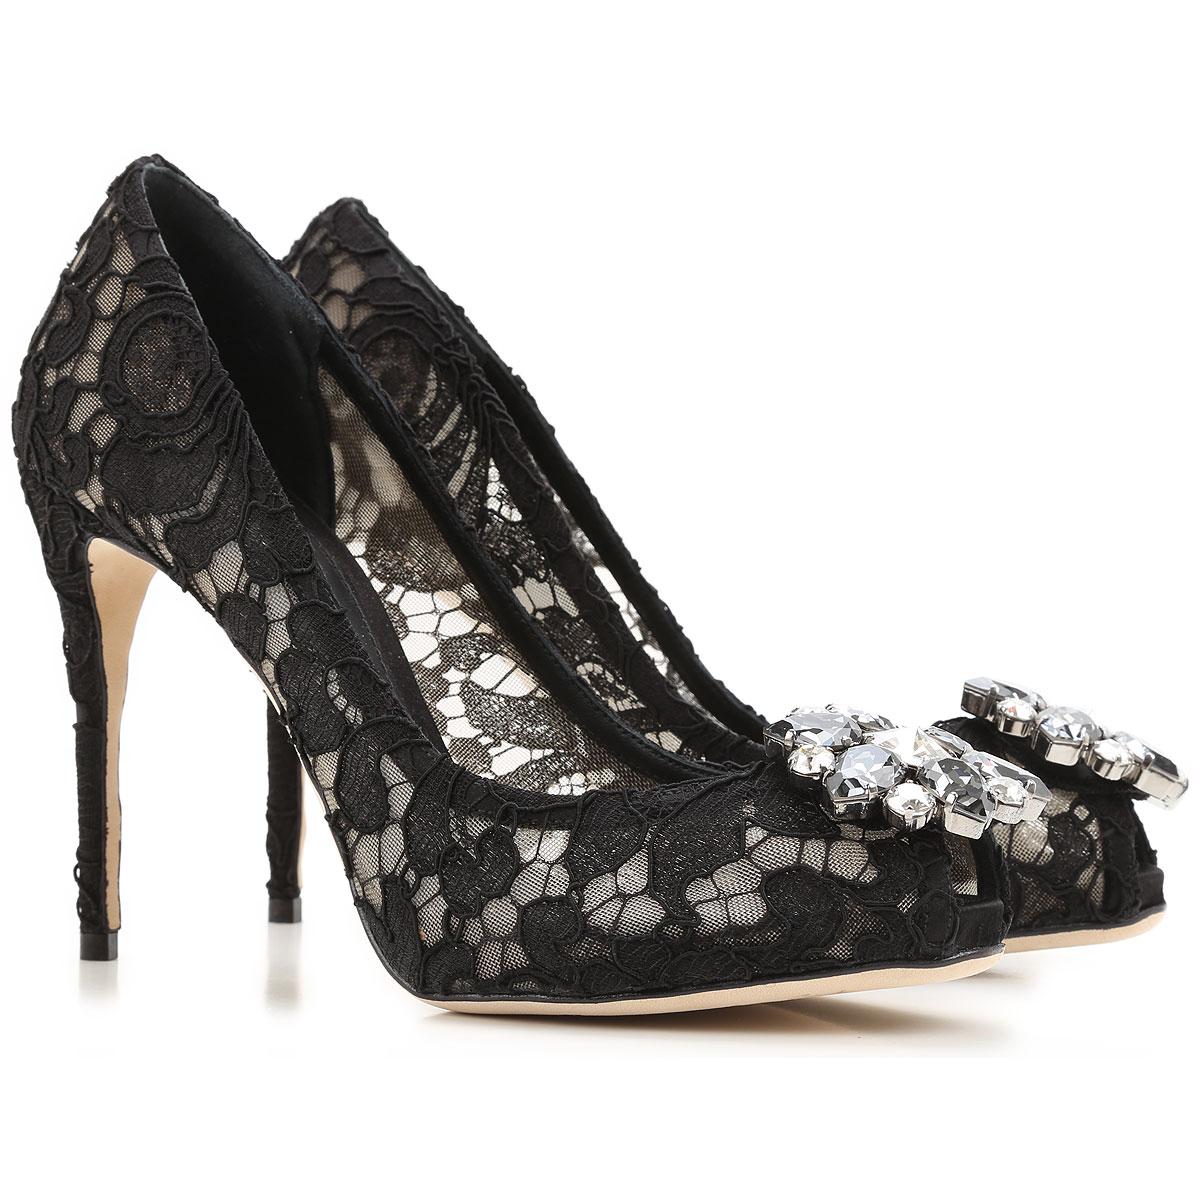 Dolce & Gabbana Peep Toe Open batai & Heels  in Outlet, juodi, Lace, 2019, 35 38 39 39.5